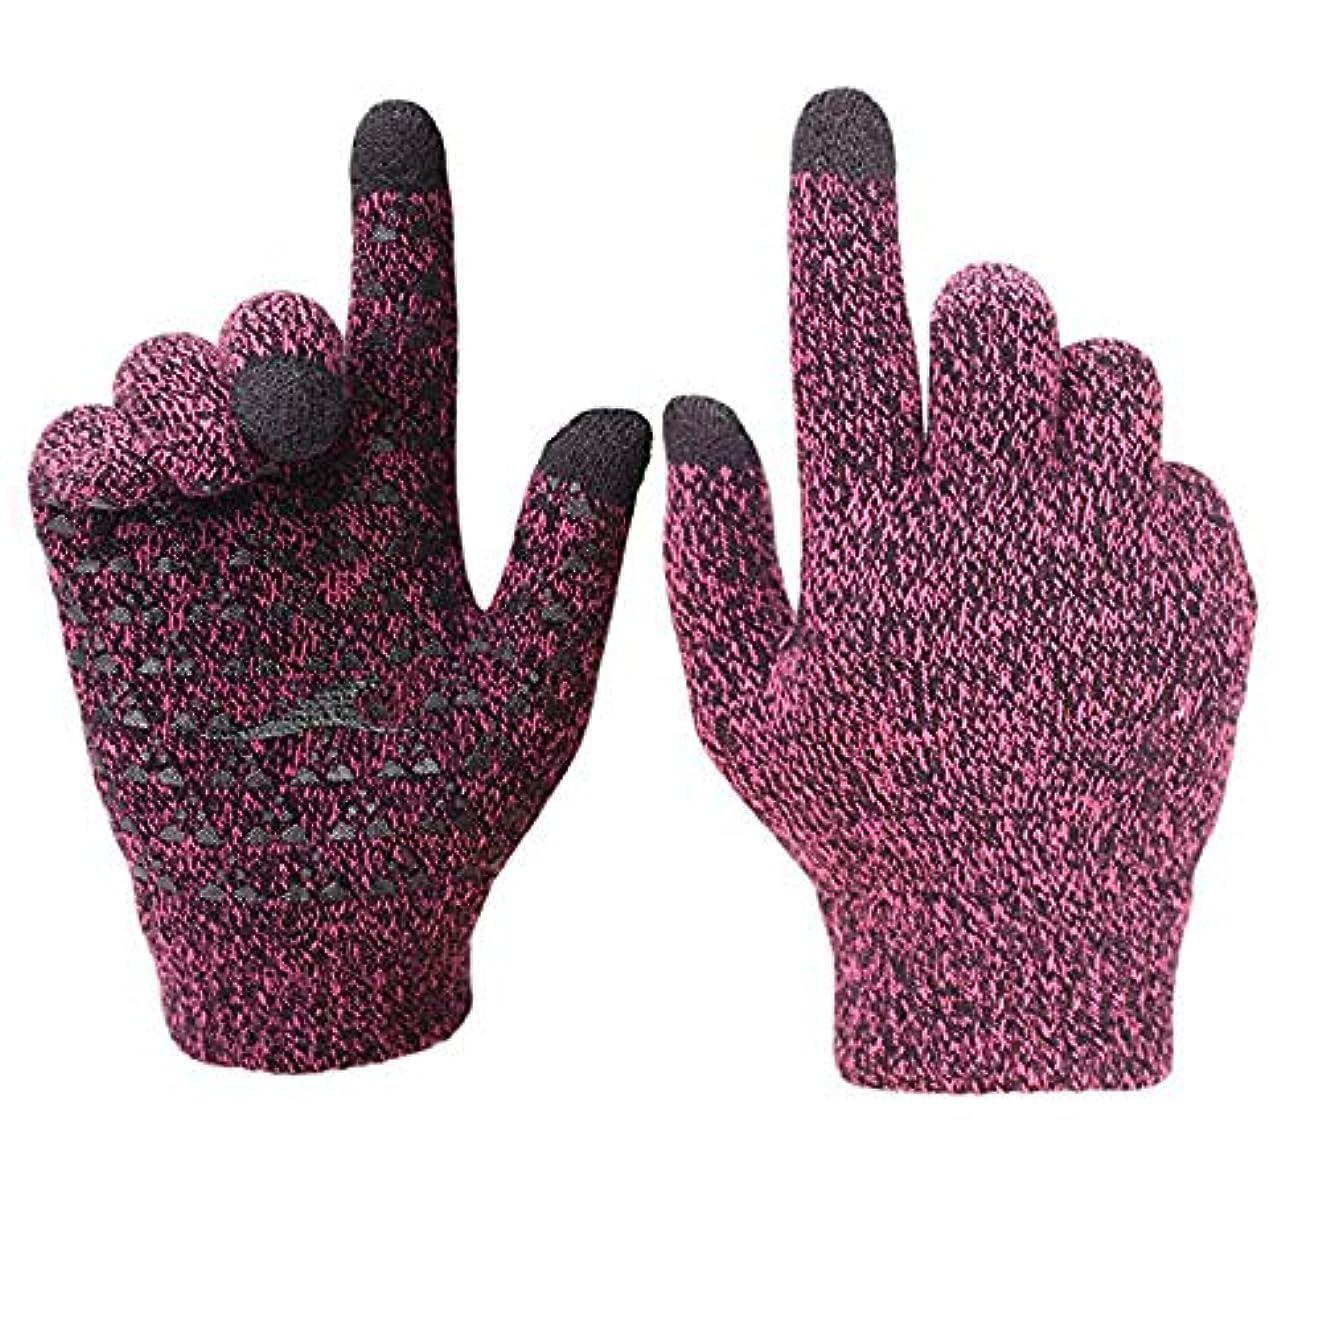 調子緩やかな市の花女性のための冬のニットグローブタッチスクリーン暖かいサーマルソフトライニング弾性カフテキストメッセージ滑り止めの選択